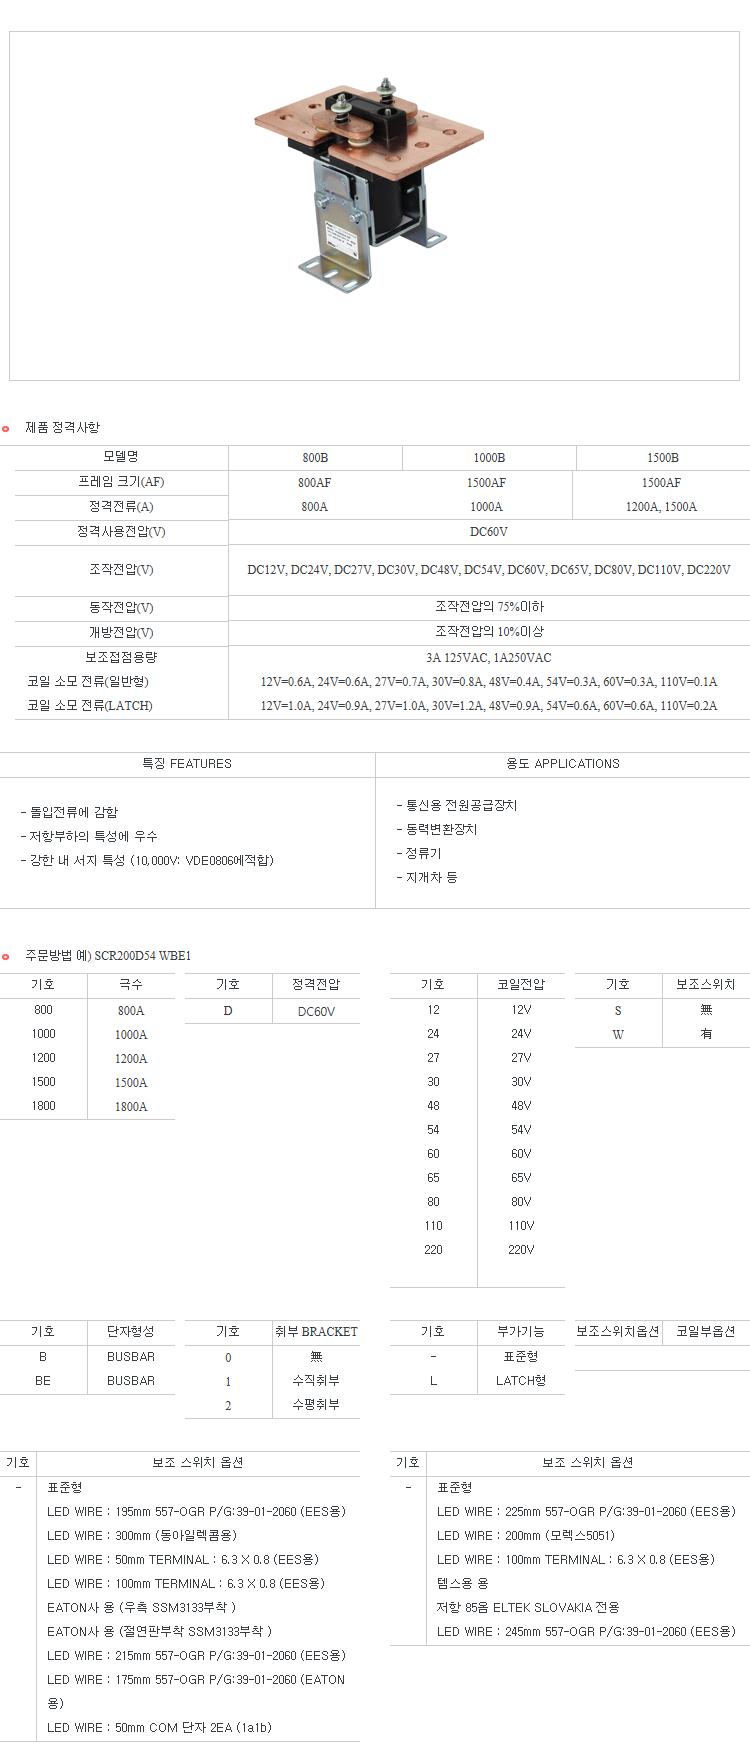 우리산전(주) SCR SCR-MH(MT)/B/BE 4